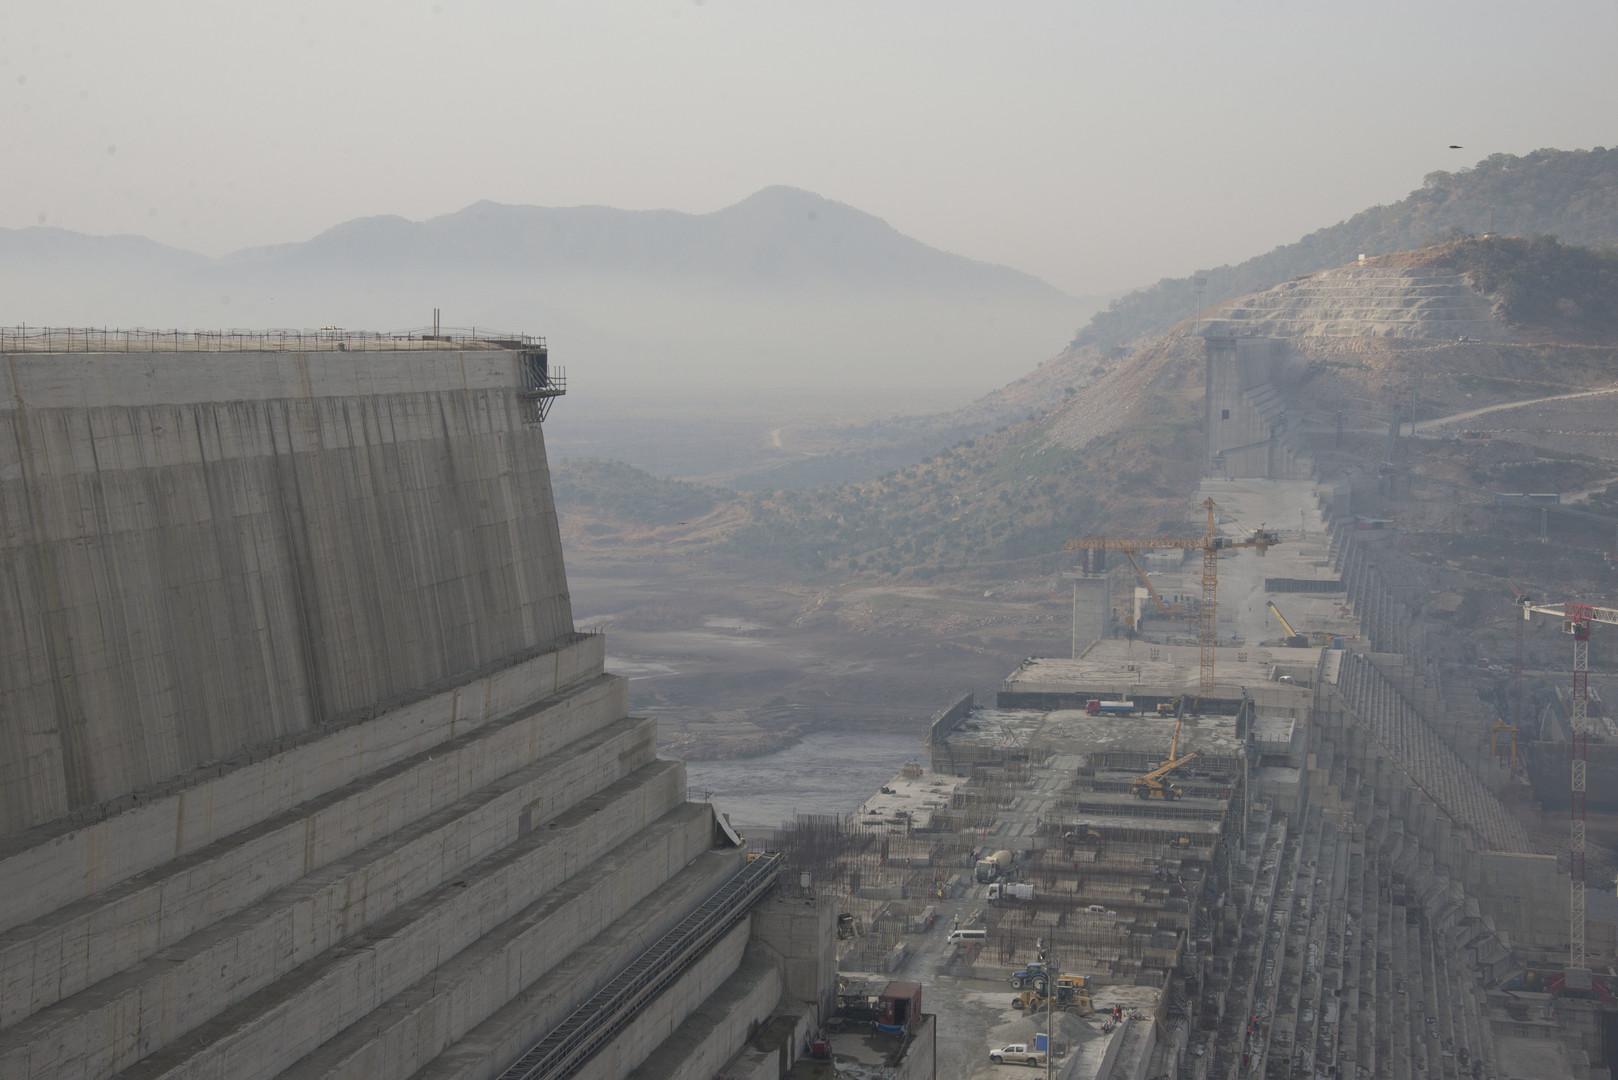 """مصر تراقب """"سد النهضة"""" الإثيوبي بقمر صناعي"""